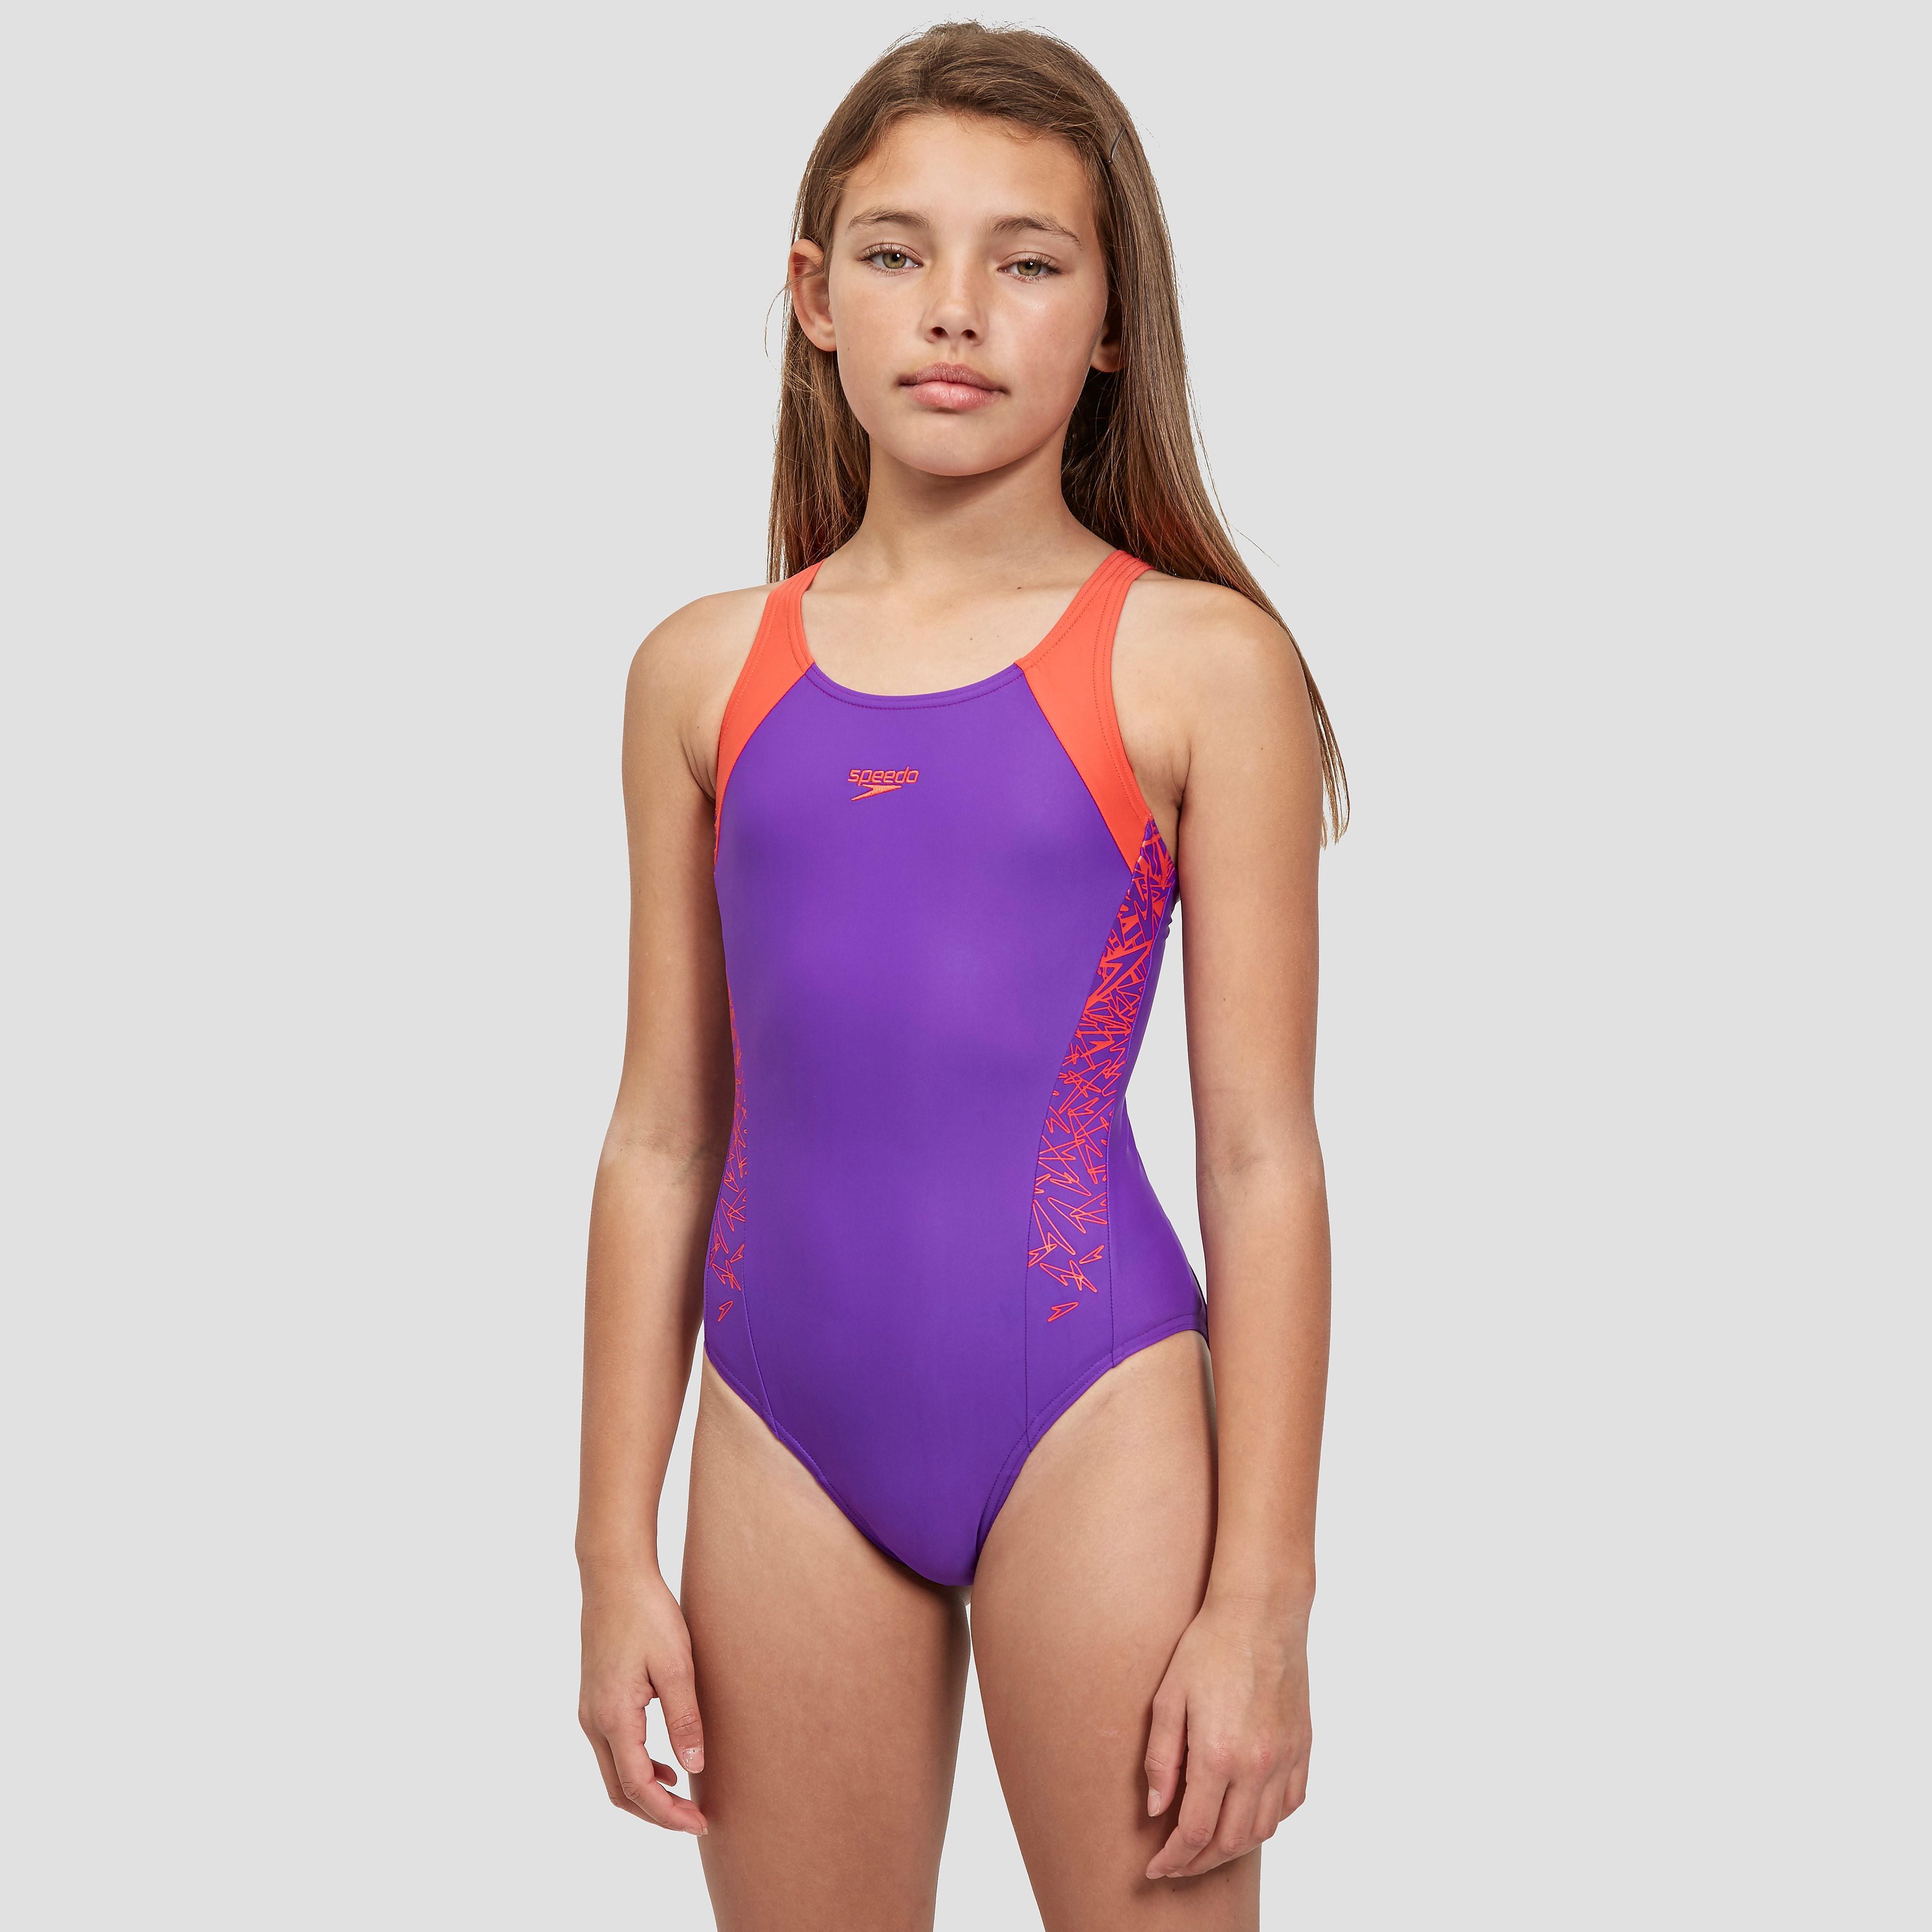 Speedo Boom Splice Muscleback Girls' Swimsuit